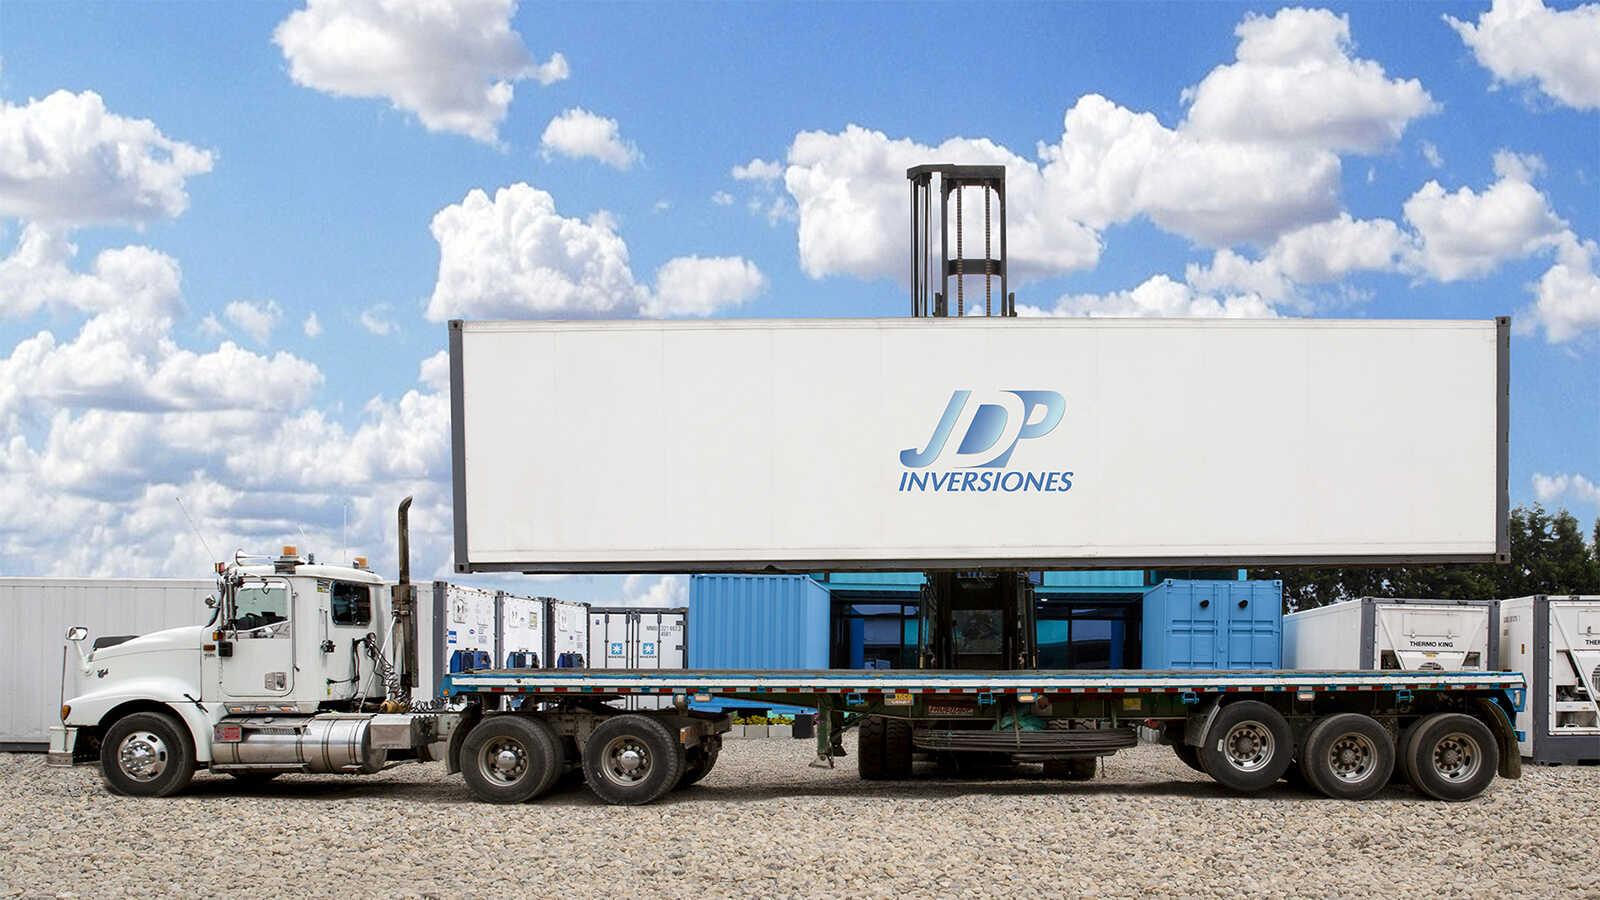 qs-jdp-maquinaria-instalaciones-opt